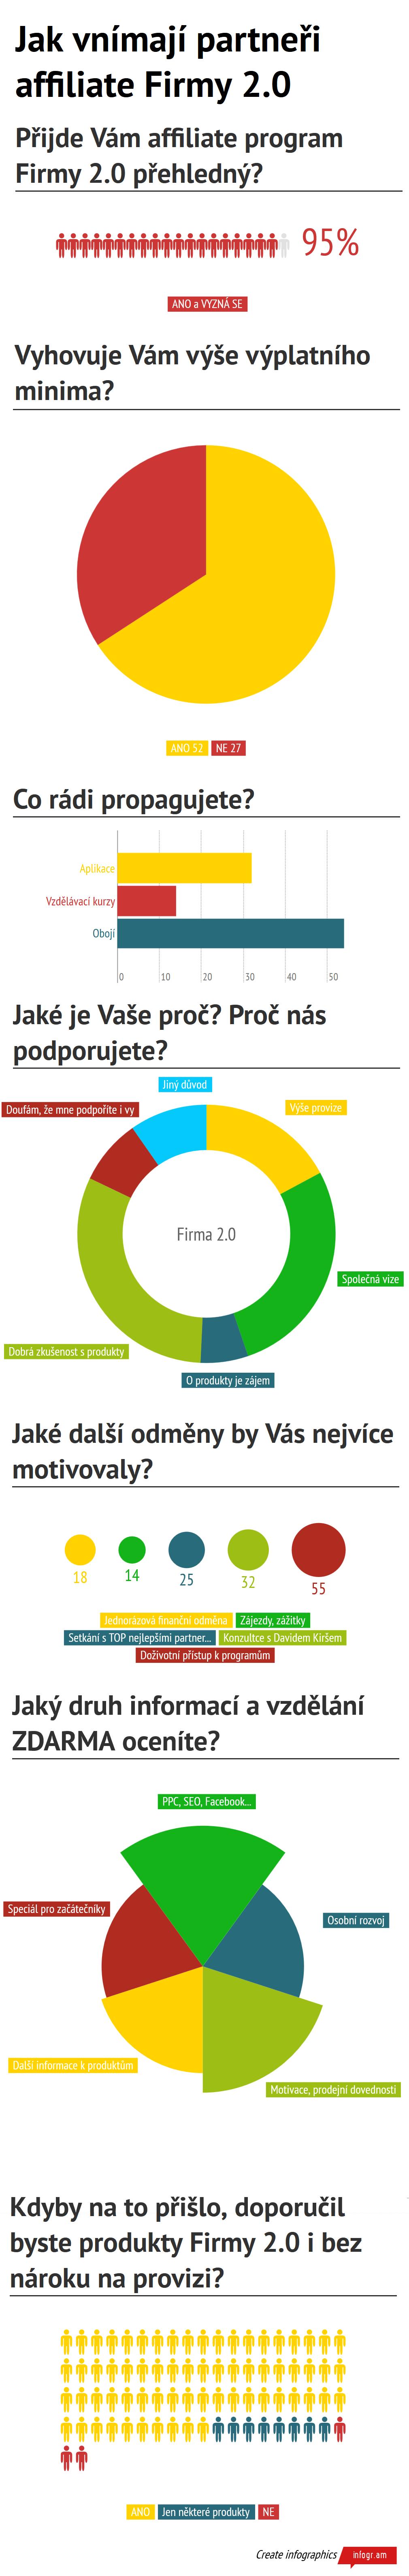 Infografika - Affiliate program Firmy 2.0